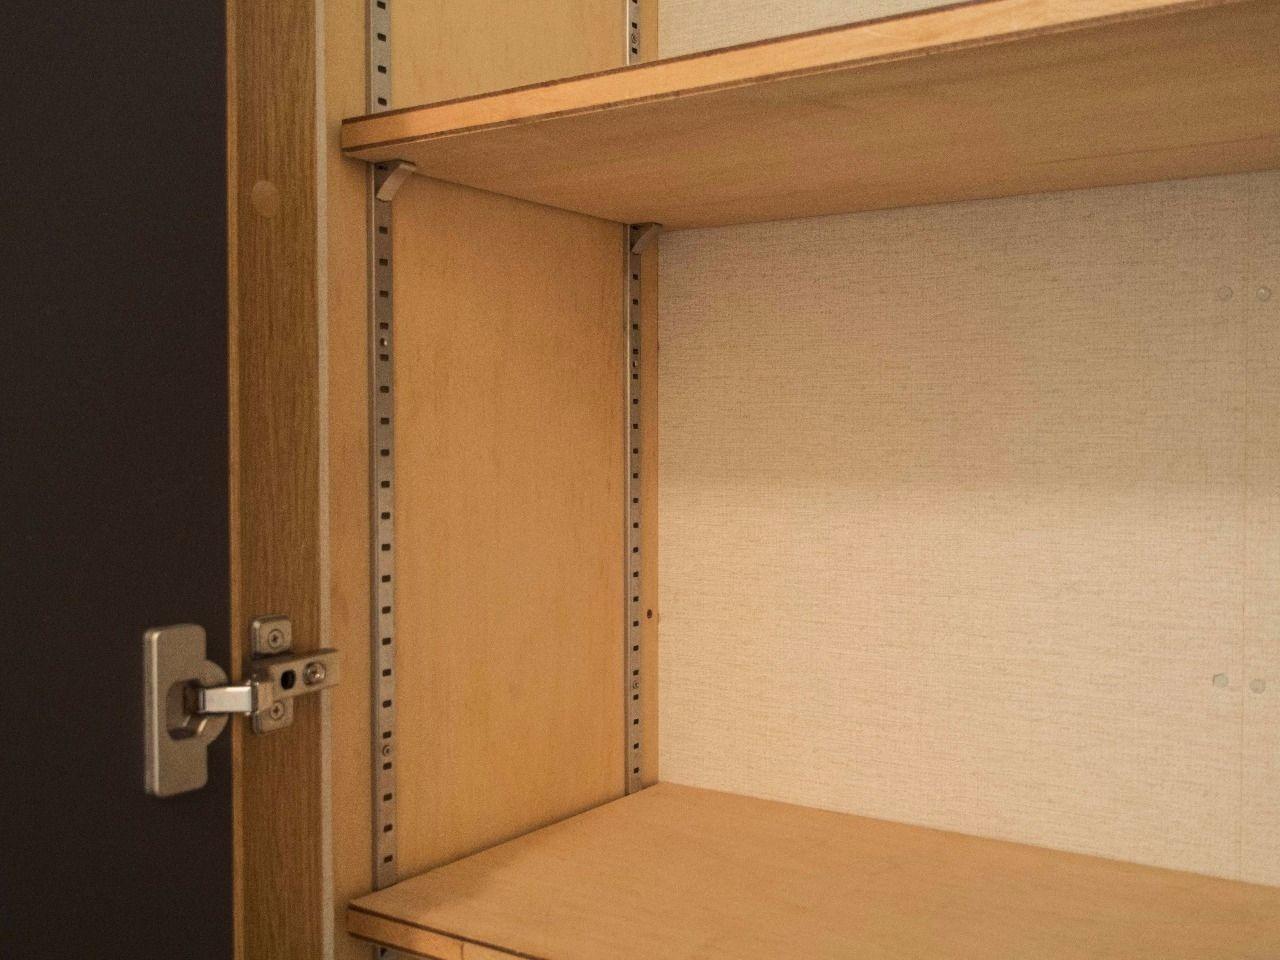 好きな高さに棚板を調整できる可動棚